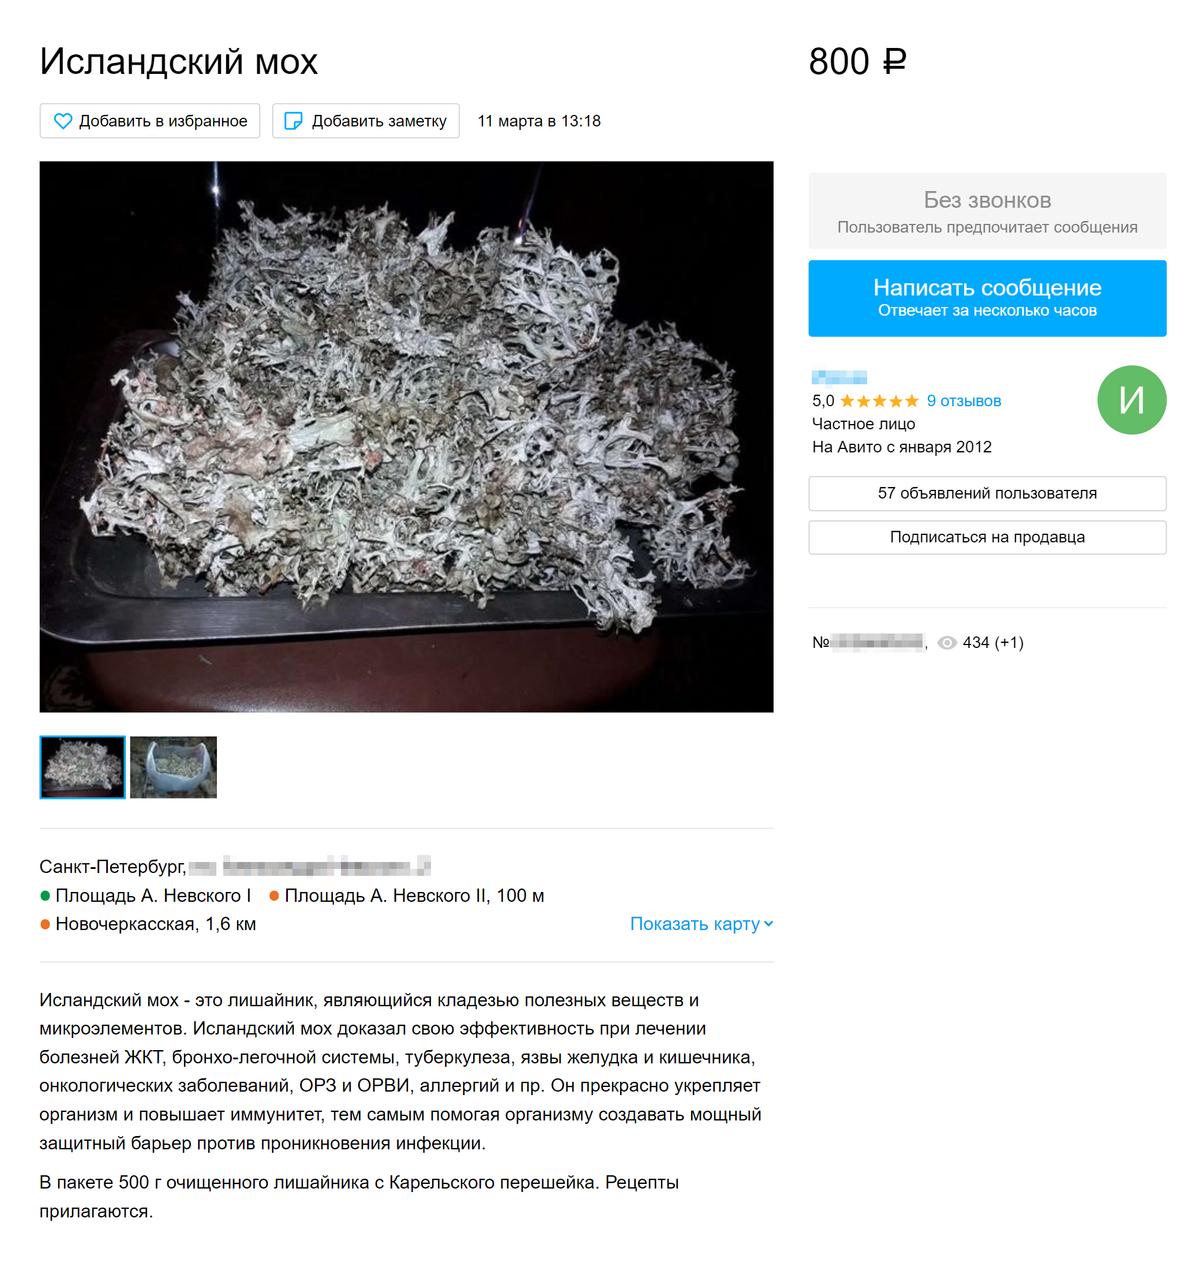 На «Авито» 500&nbsp;г исландского мха стоят 800<span class=ruble>Р</span>, продавец пишет, что&nbsp;он помогает от&nbsp;туберкулеза, хотя доказательная медицина это не&nbsp;подтверждает